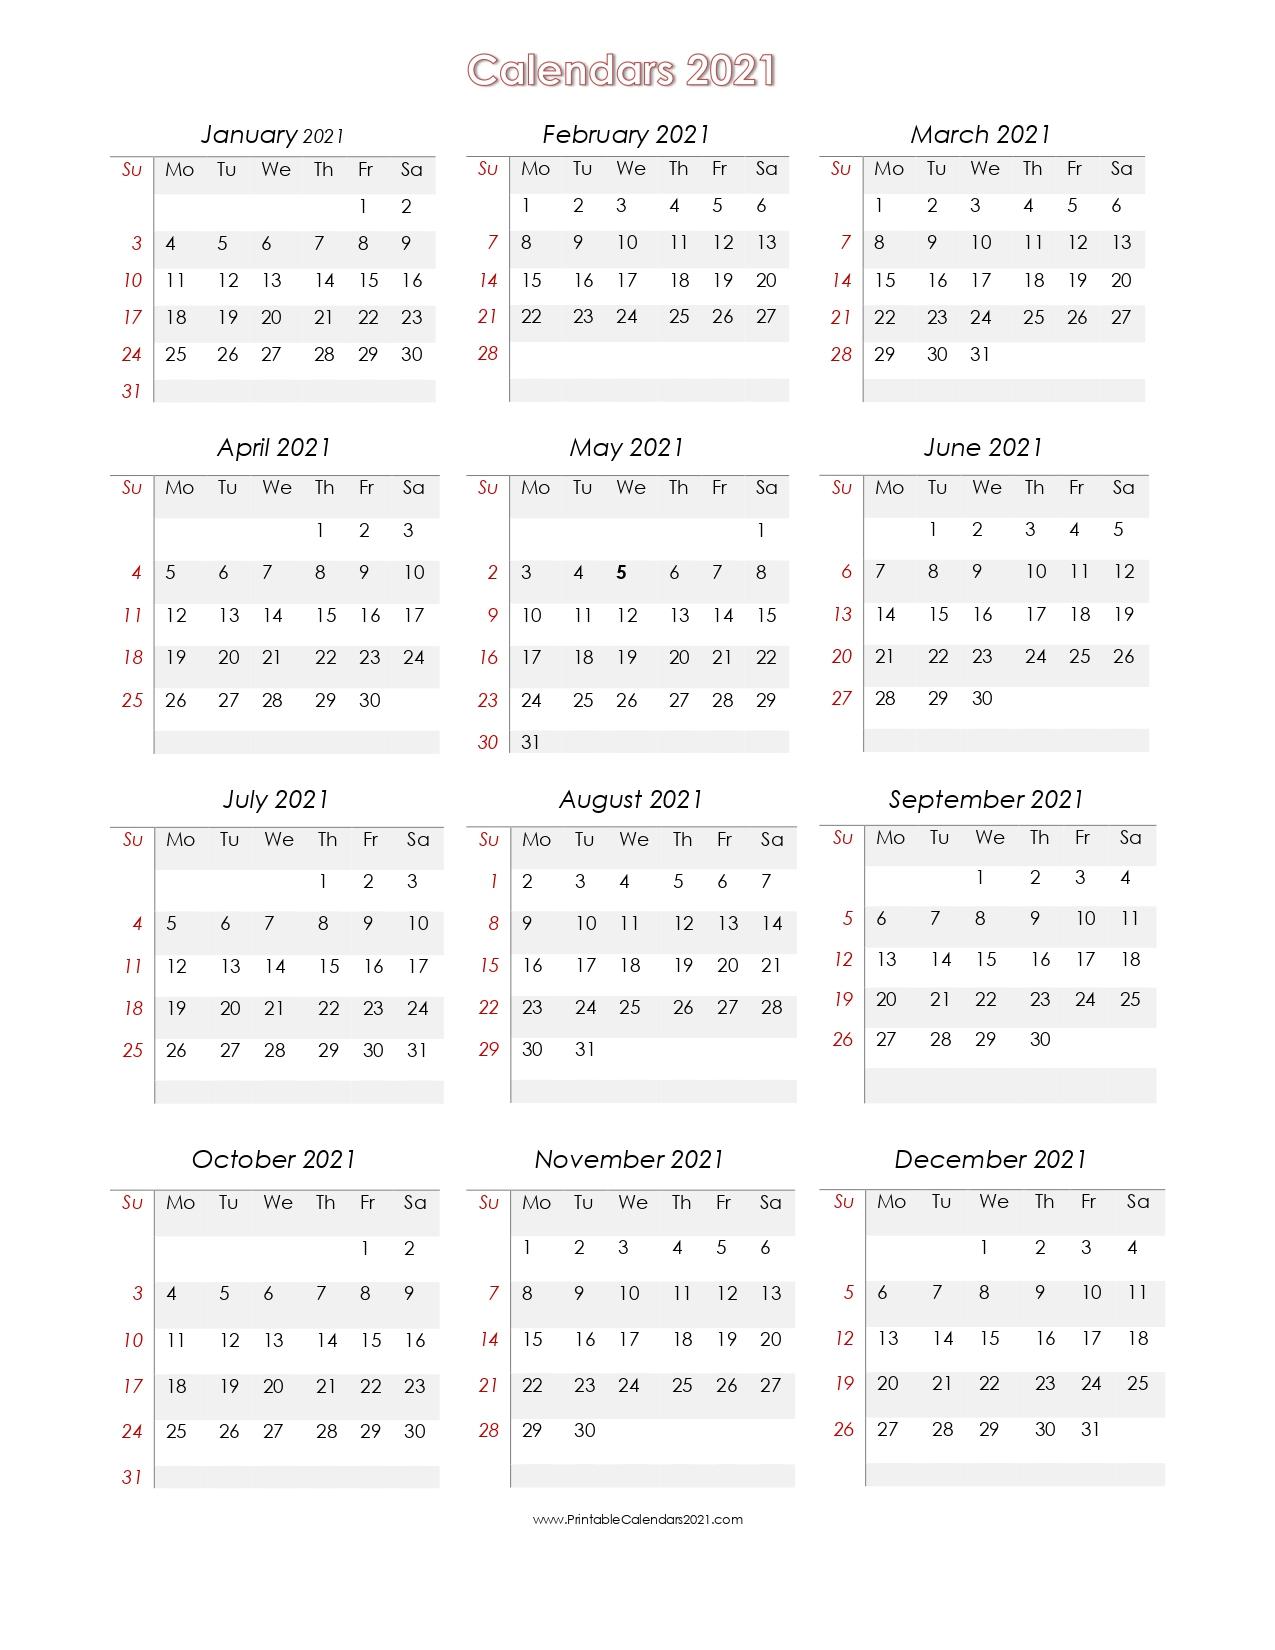 2021 Calendar To Fill In | Calendar Template Printable within Fill In Calendar Printable 2021